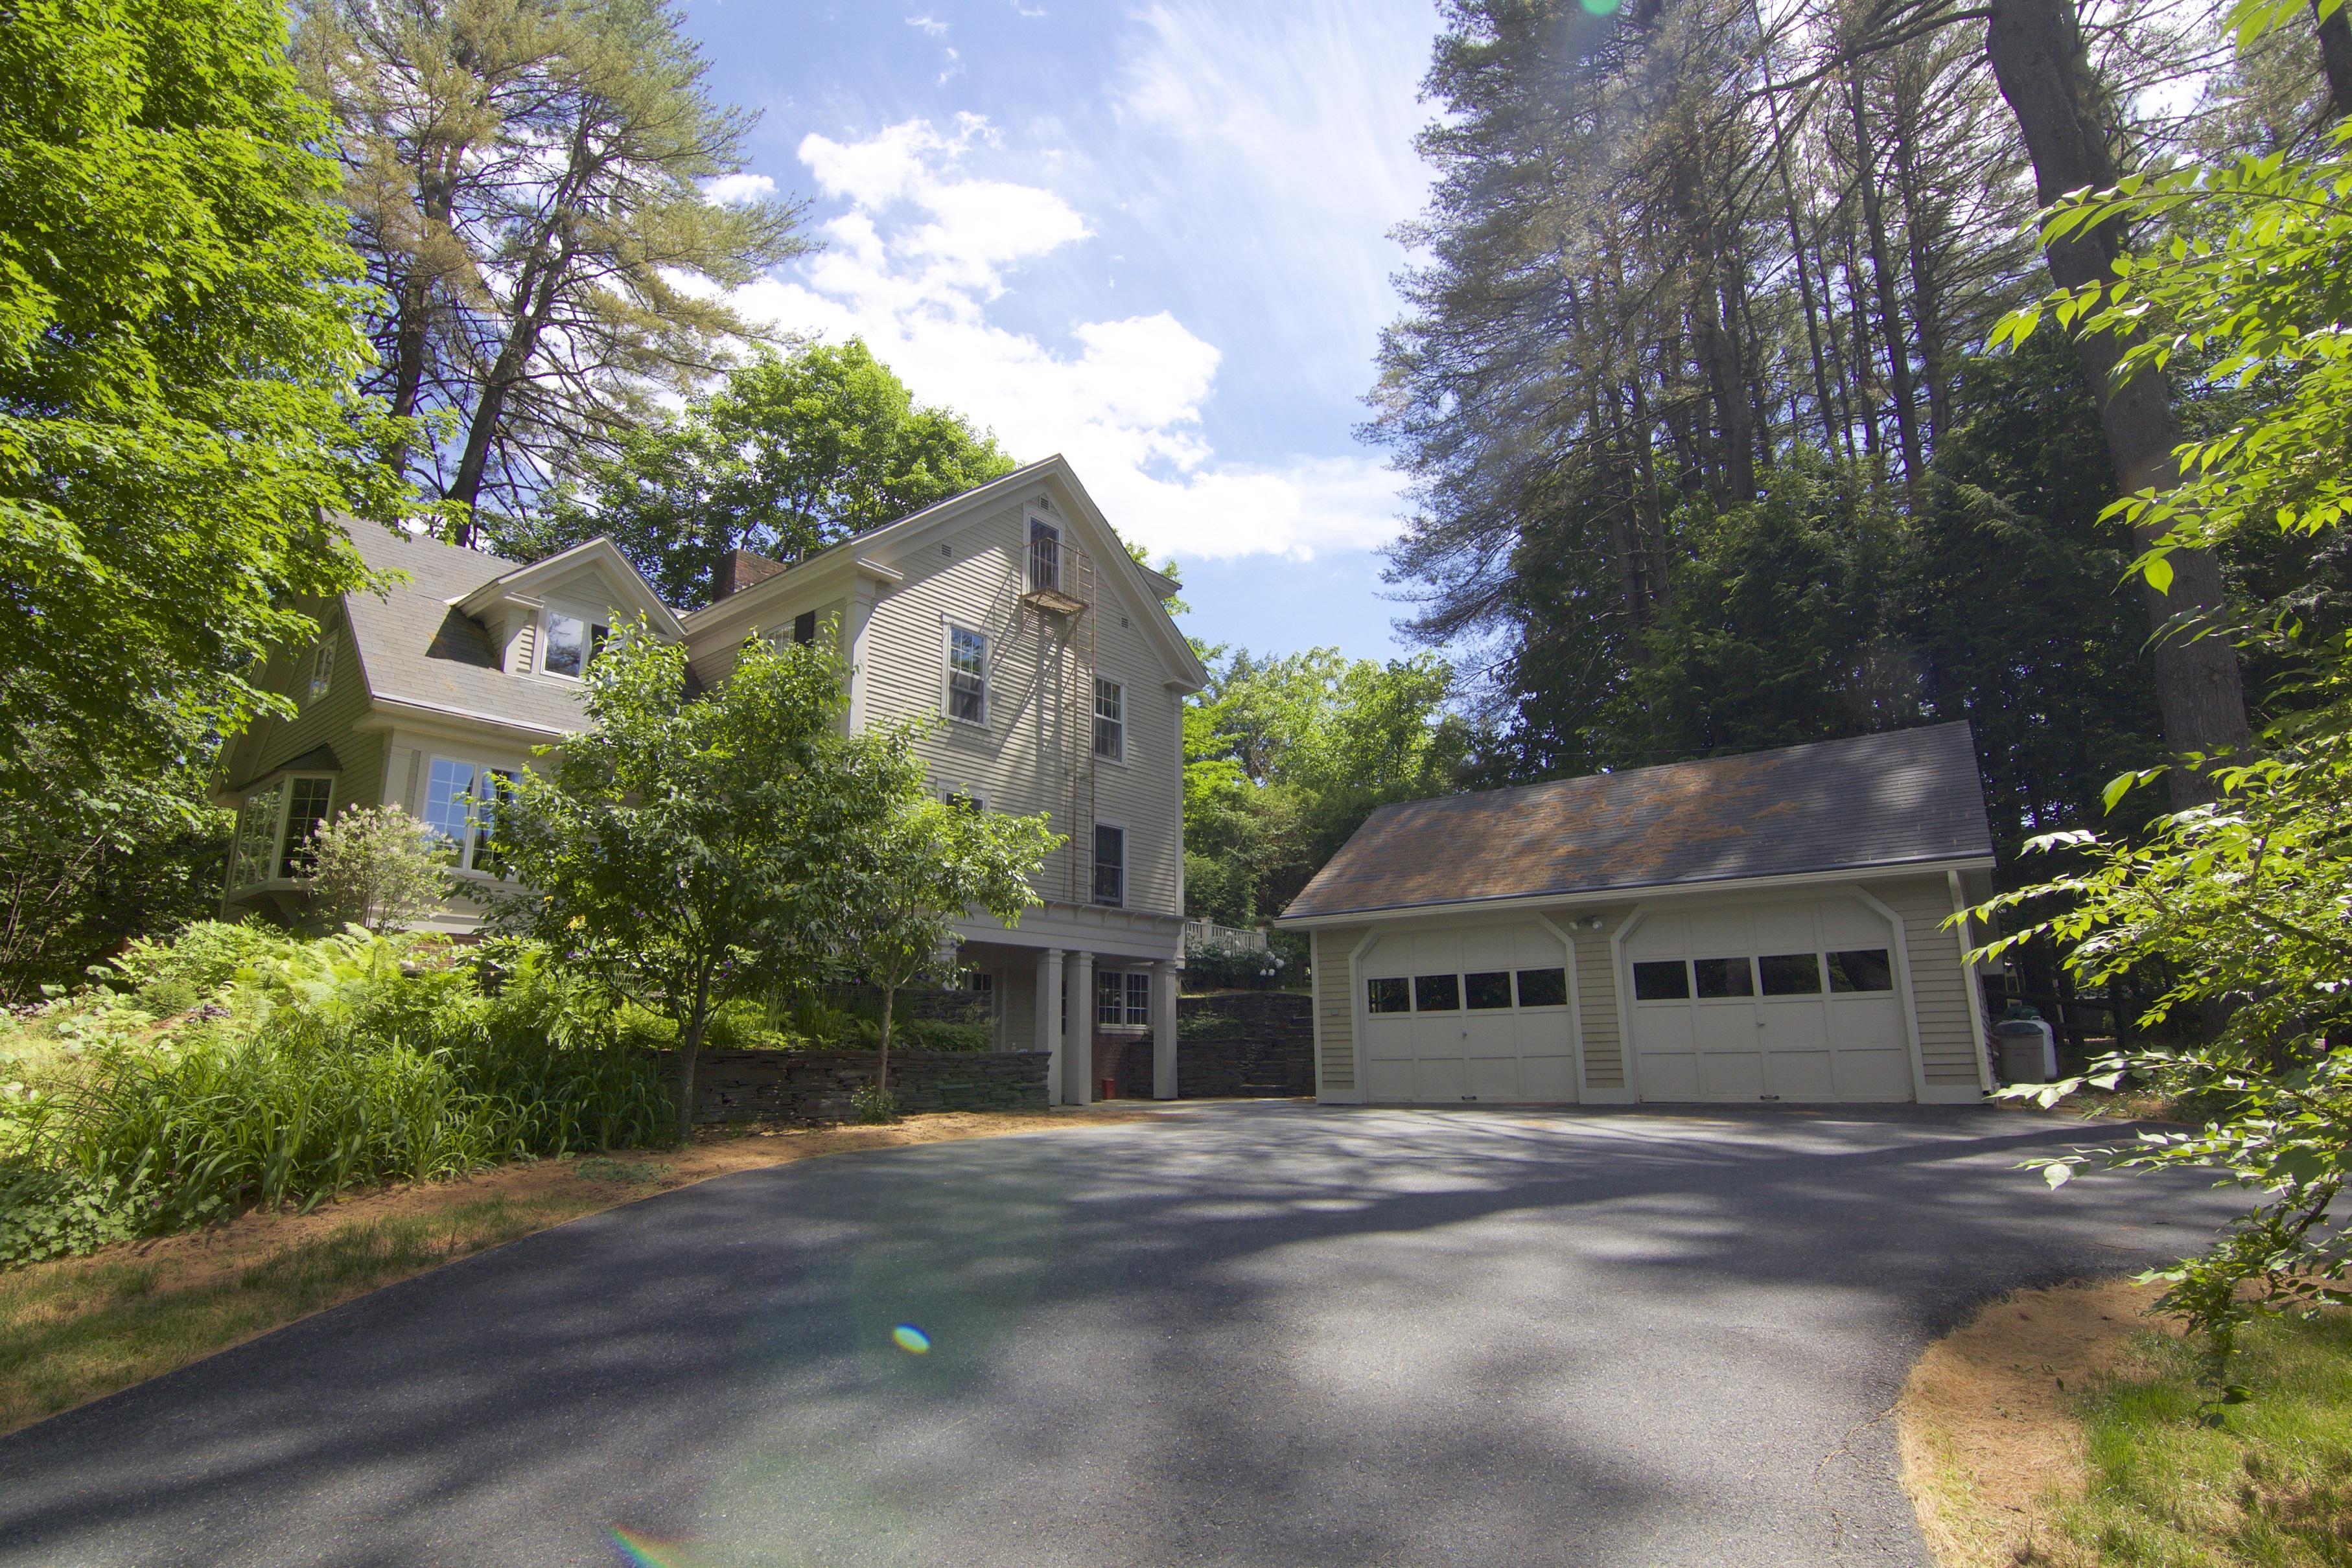 단독 가정 주택 용 매매 에 20 Valley Rd, Hanover Hanover, 뉴햄프셔, 03755 미국